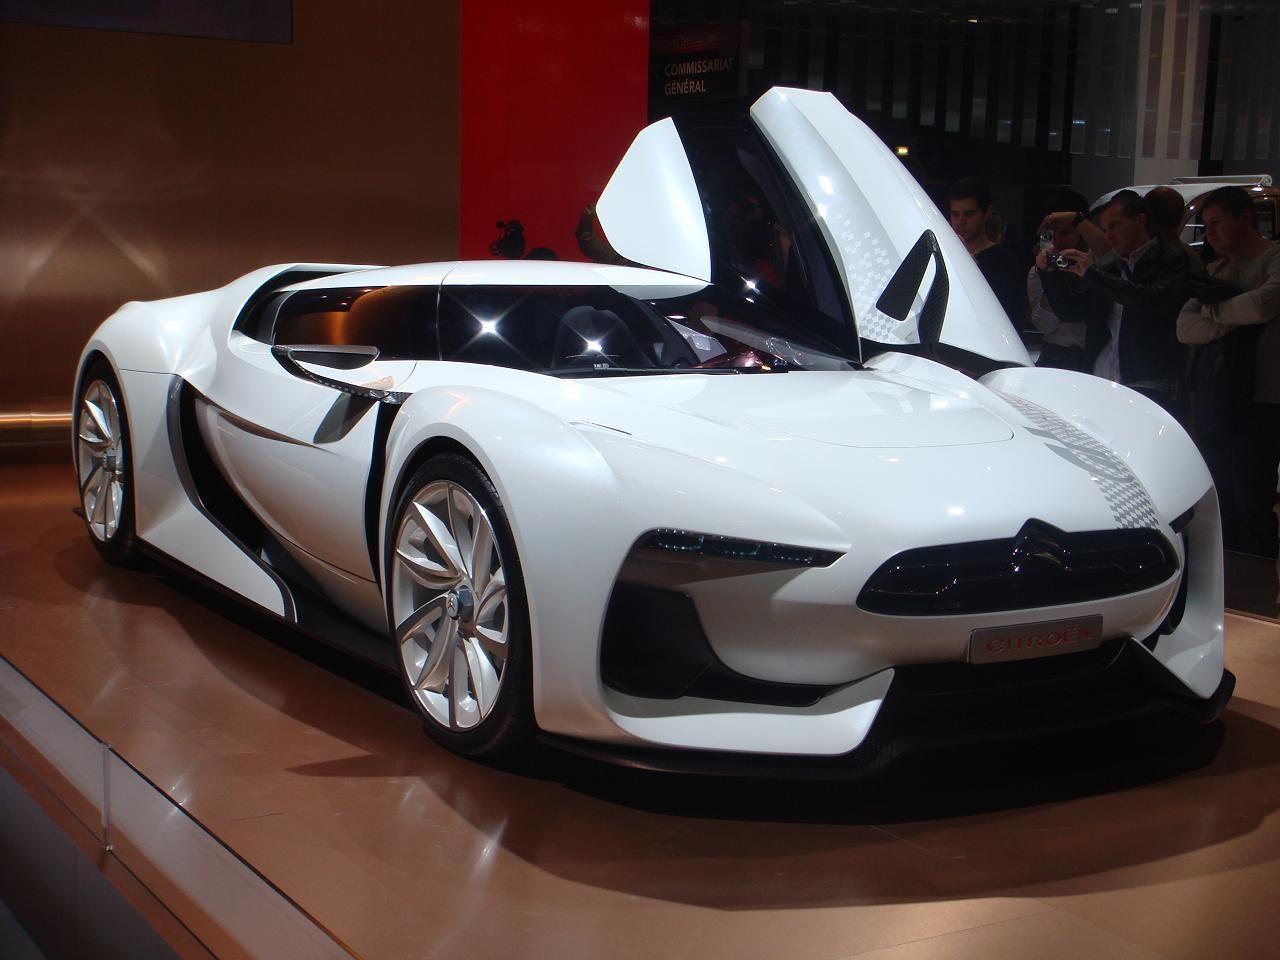 かっこいい車 外車 の画像検索結果 Dream Cars Citroen Car Dream Cars Audi